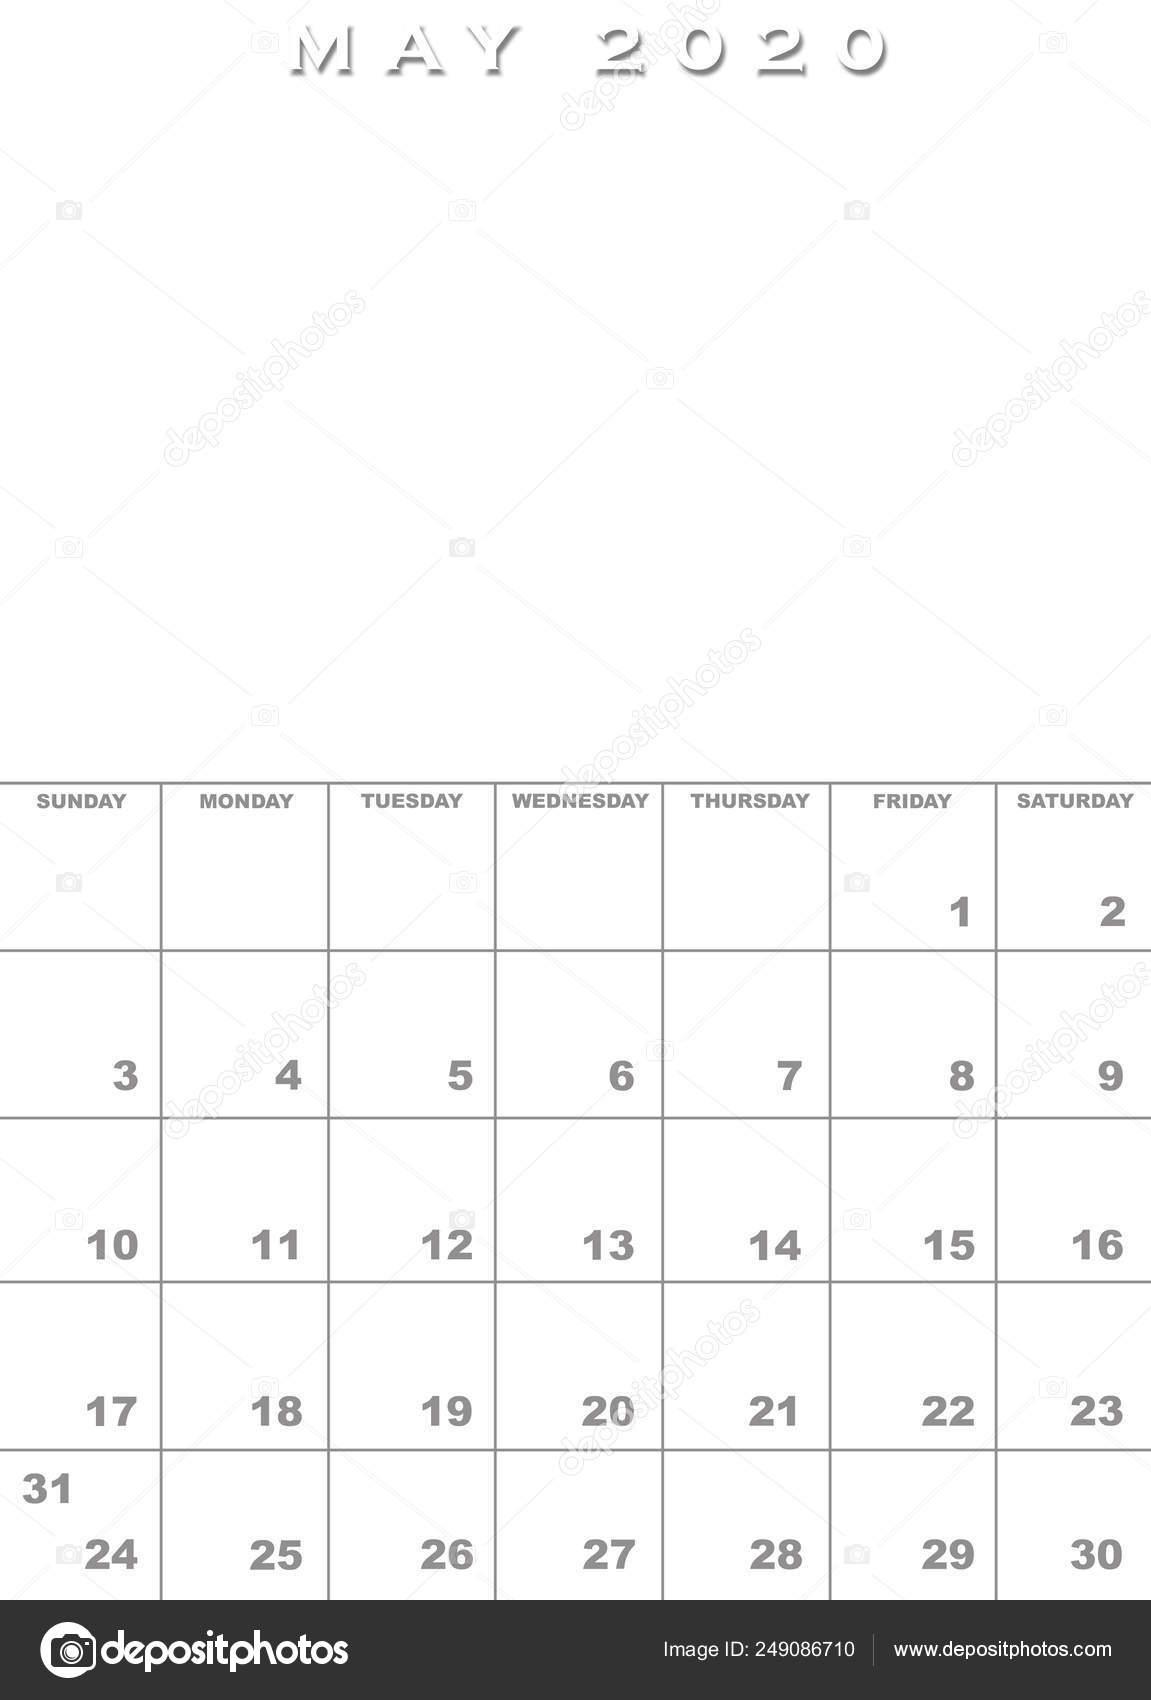 Calendario Maggio 2020.Modello Di Calendario Maggio 2020 Foto Stock C Paulvinten